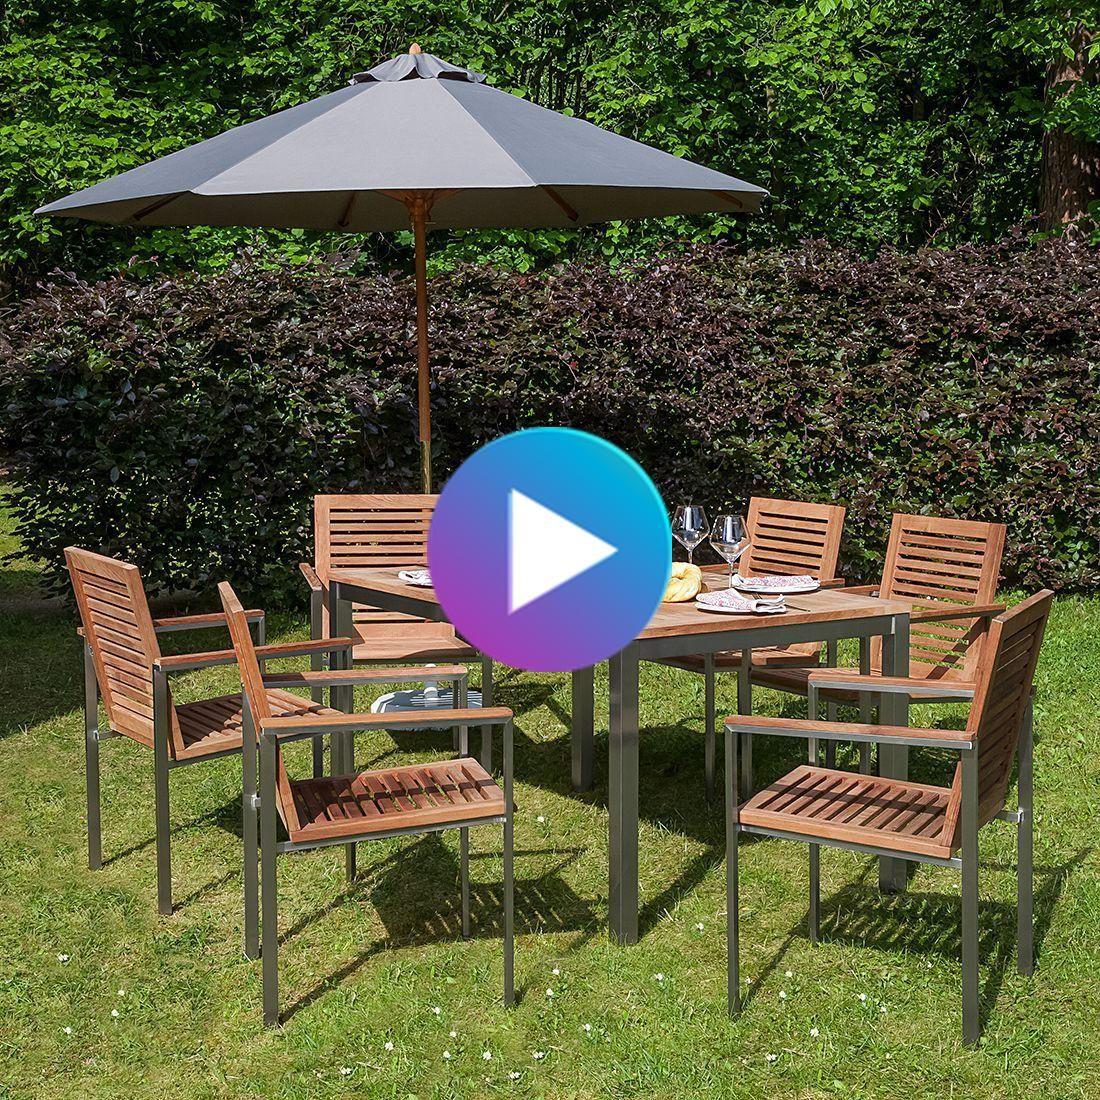 Table A Manger Exclusive Teakline Xiii In 2020 Gartentisch Mit Stuhlen Garten Essgruppe Outdoor Dekorationen